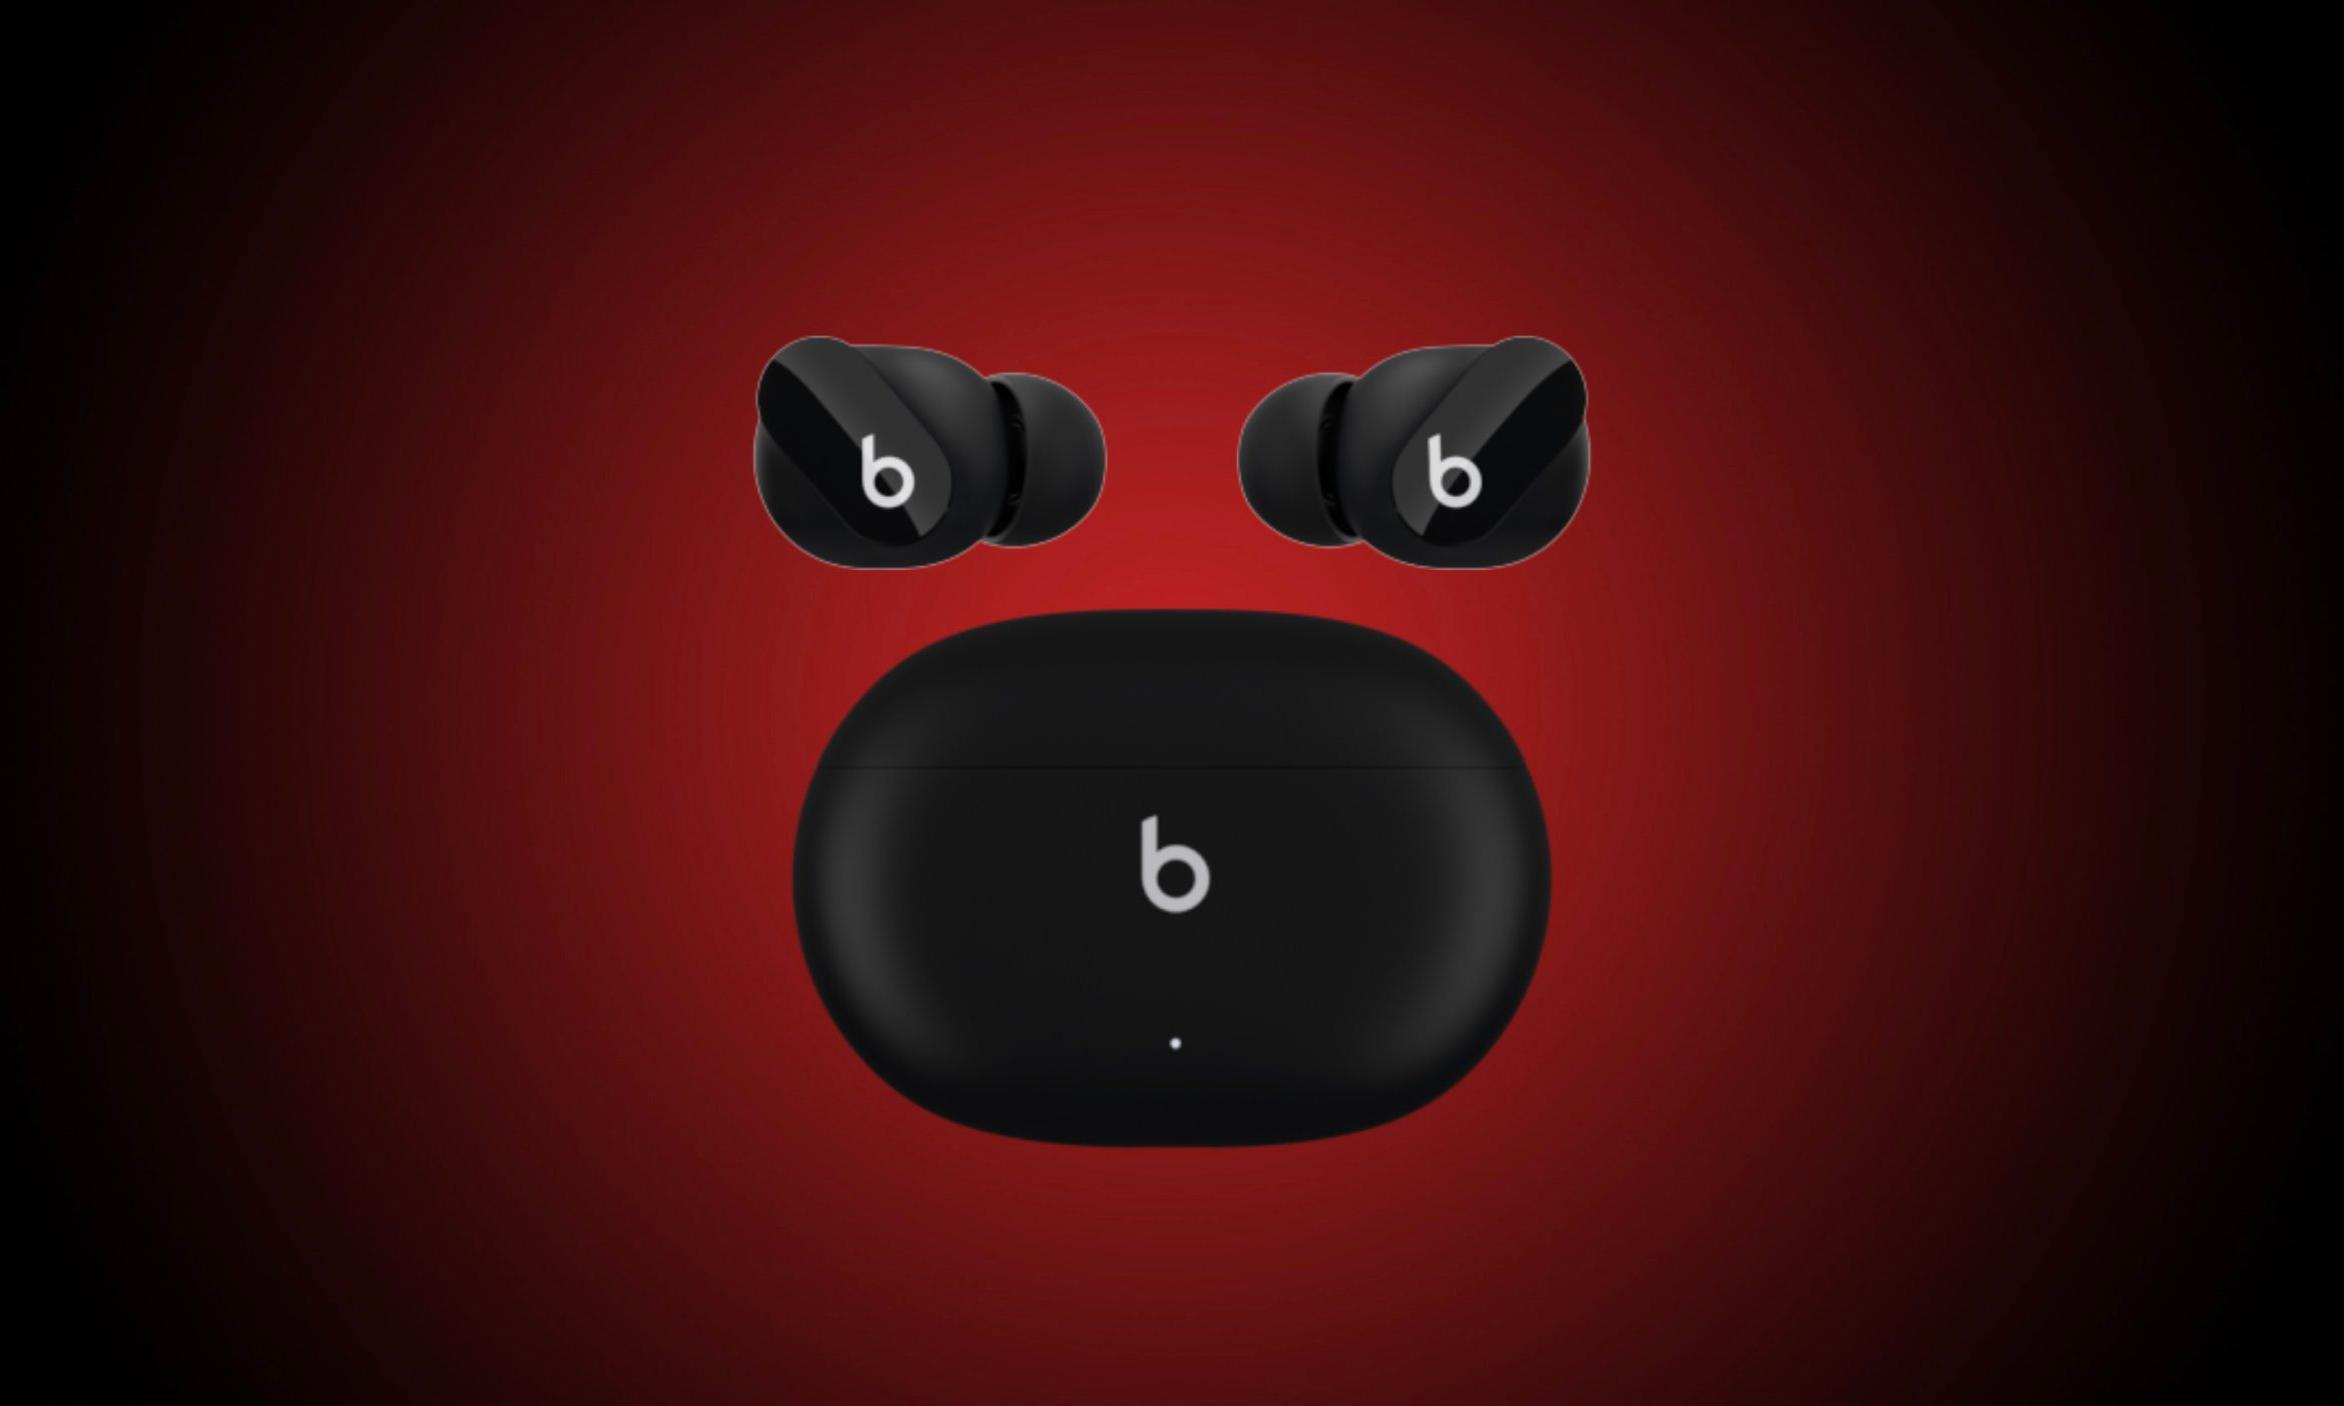 发布在即?Beats Studio Buds 产品型号已提交 FCC